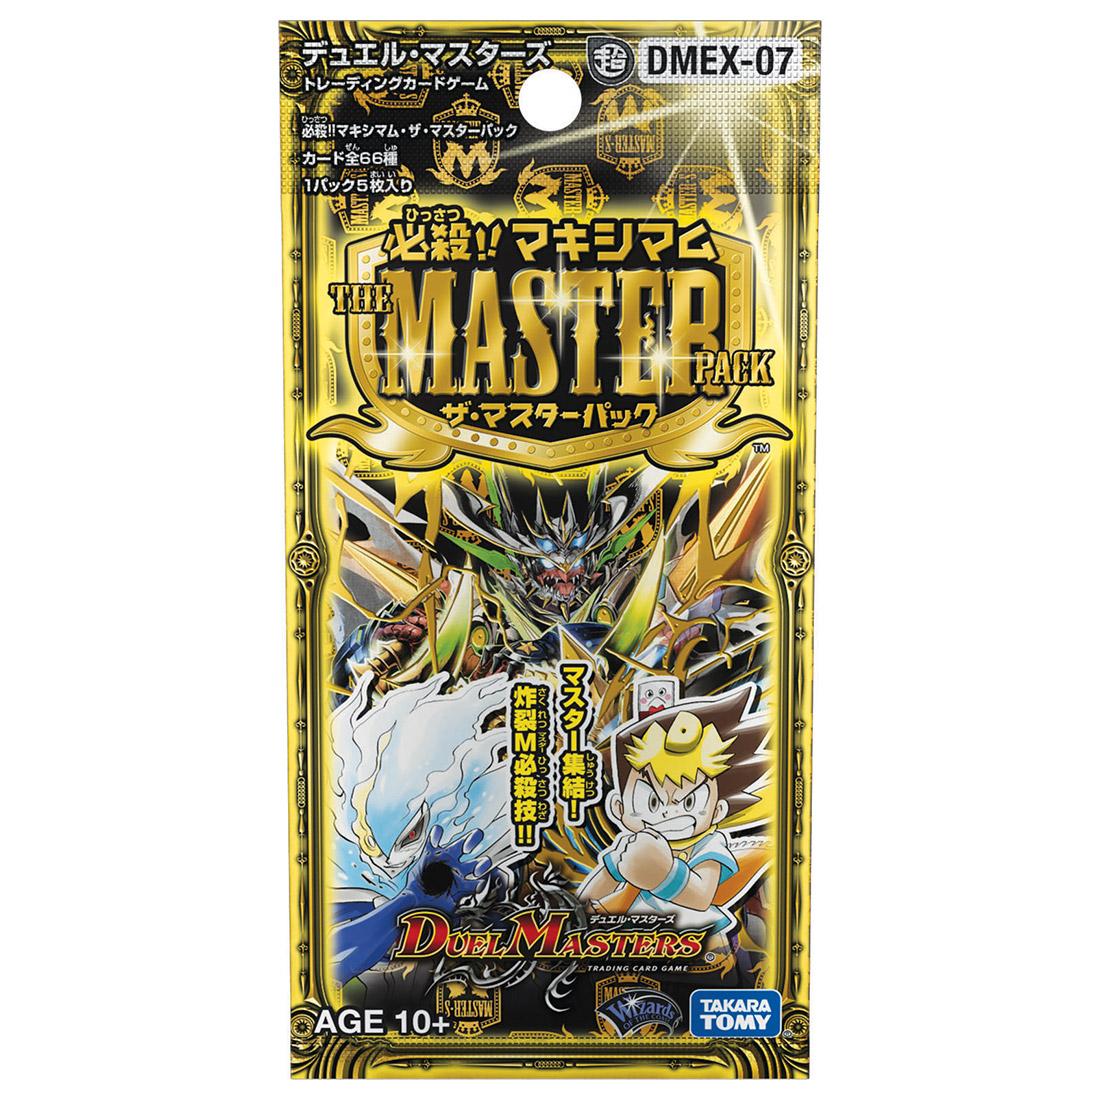 デュエル・マスターズTCG『DMEX-07 必殺!!マキシマム・ザ・マスターパック DP-BOX』トレカ-004